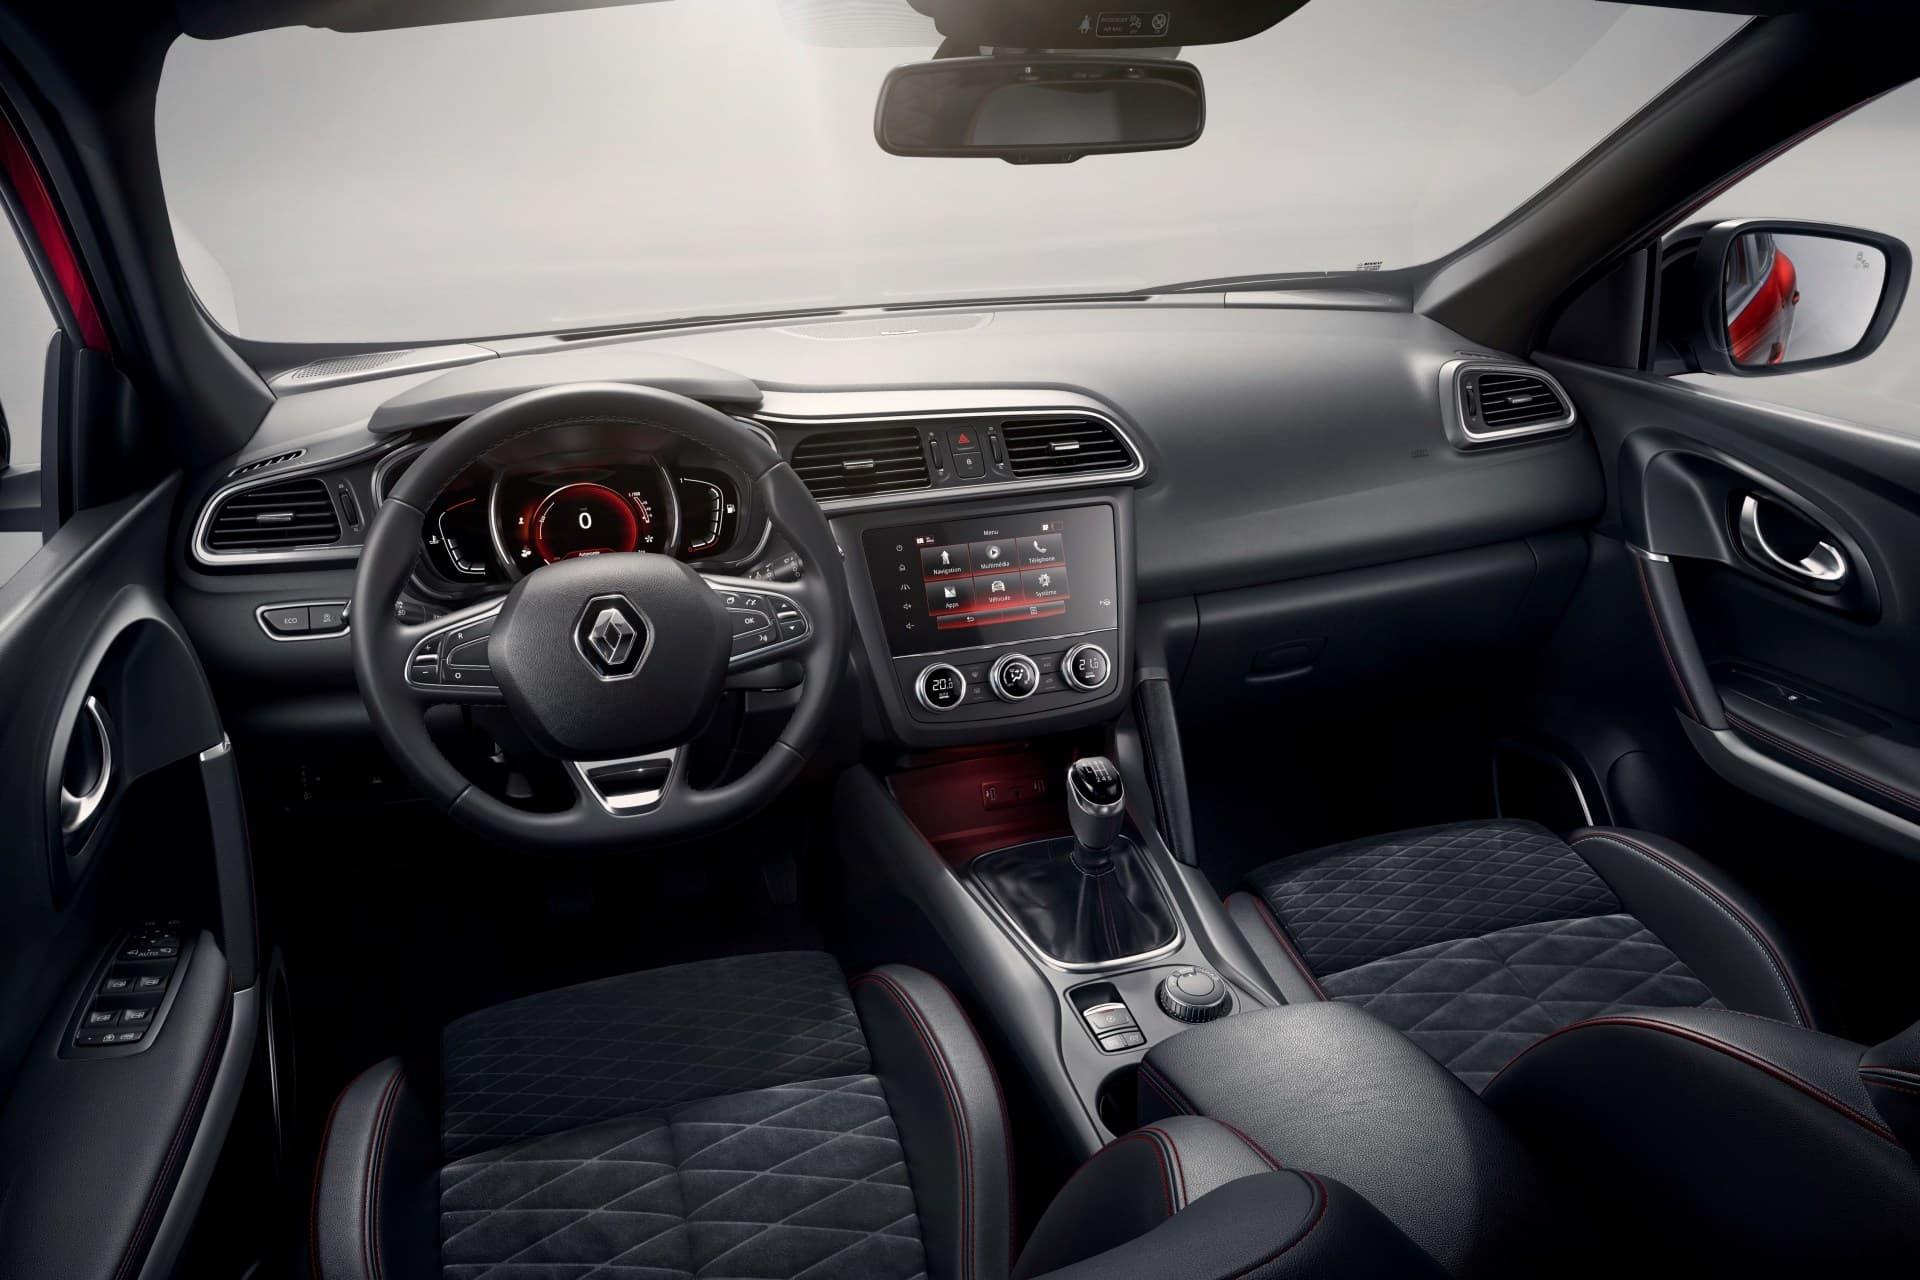 2018 Nouveau Renault Kadjar